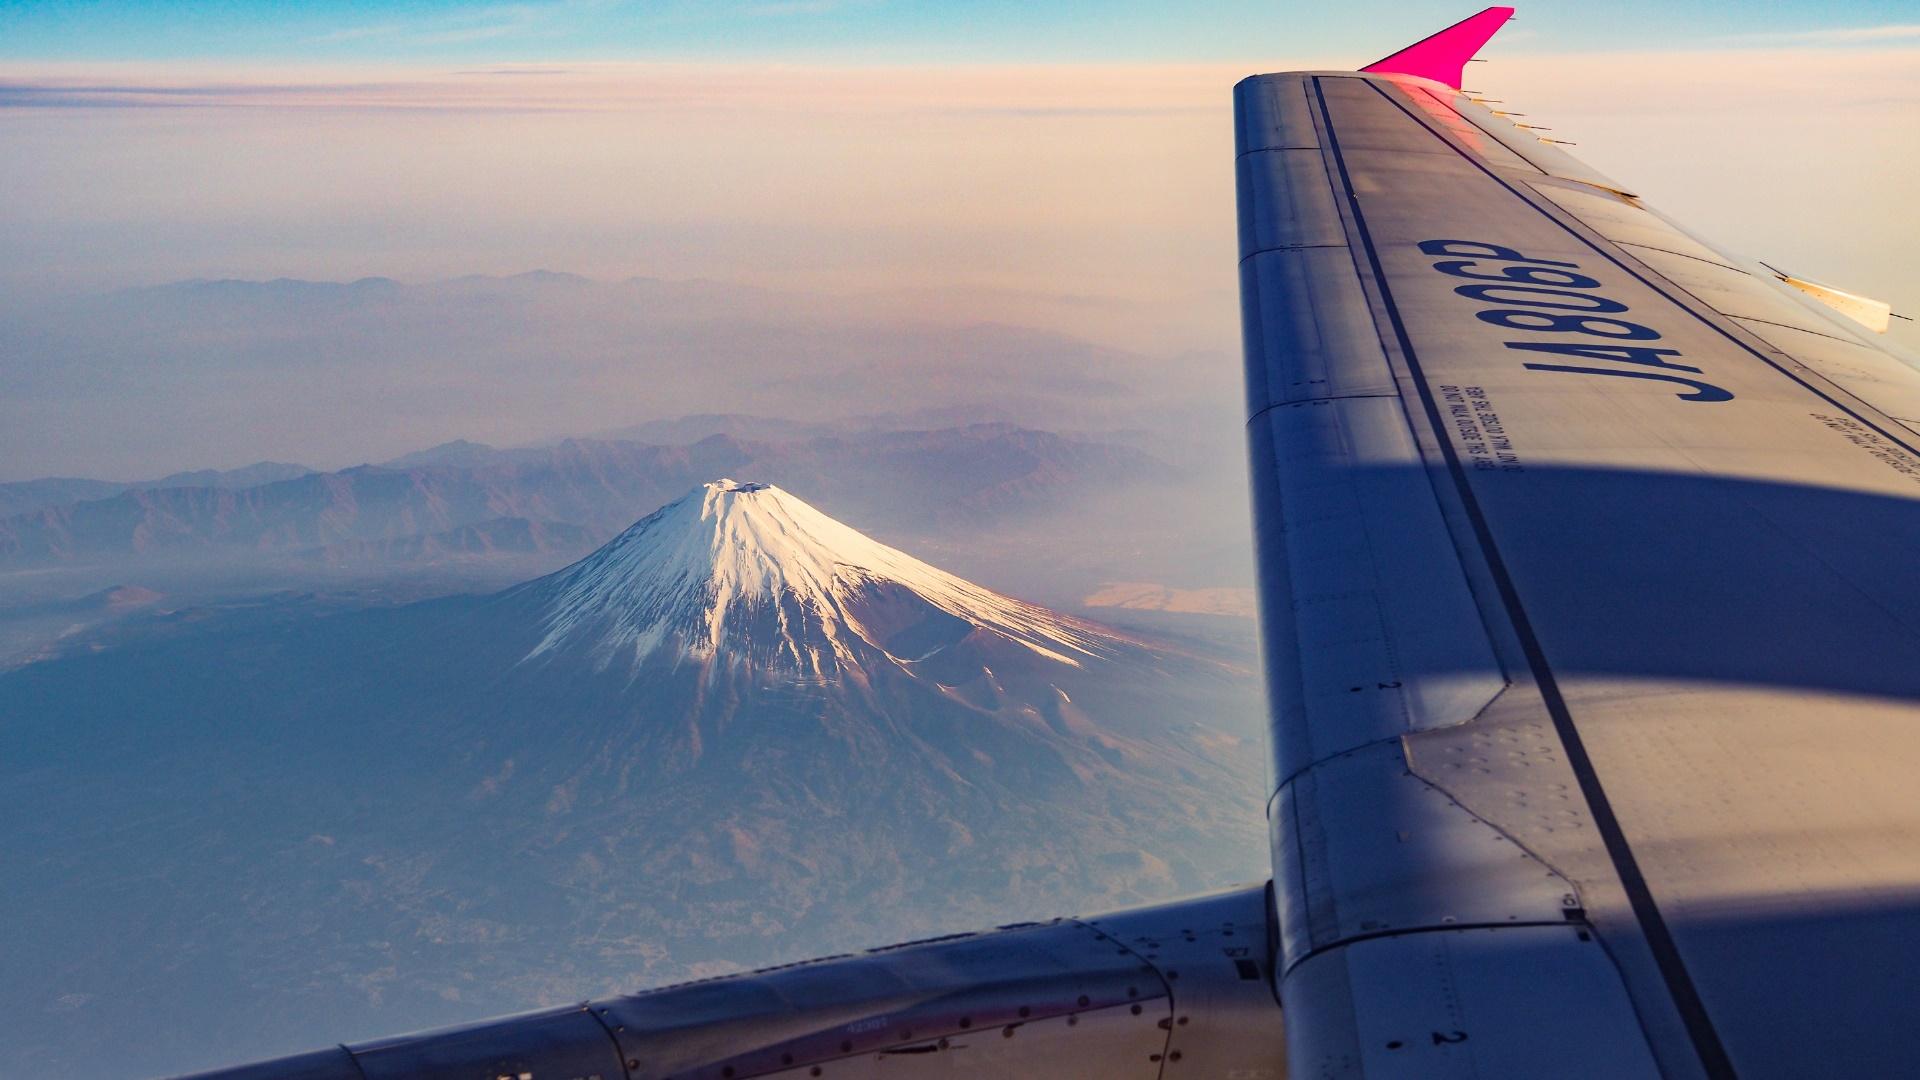 Mt. Fuji aerial view wallpaper